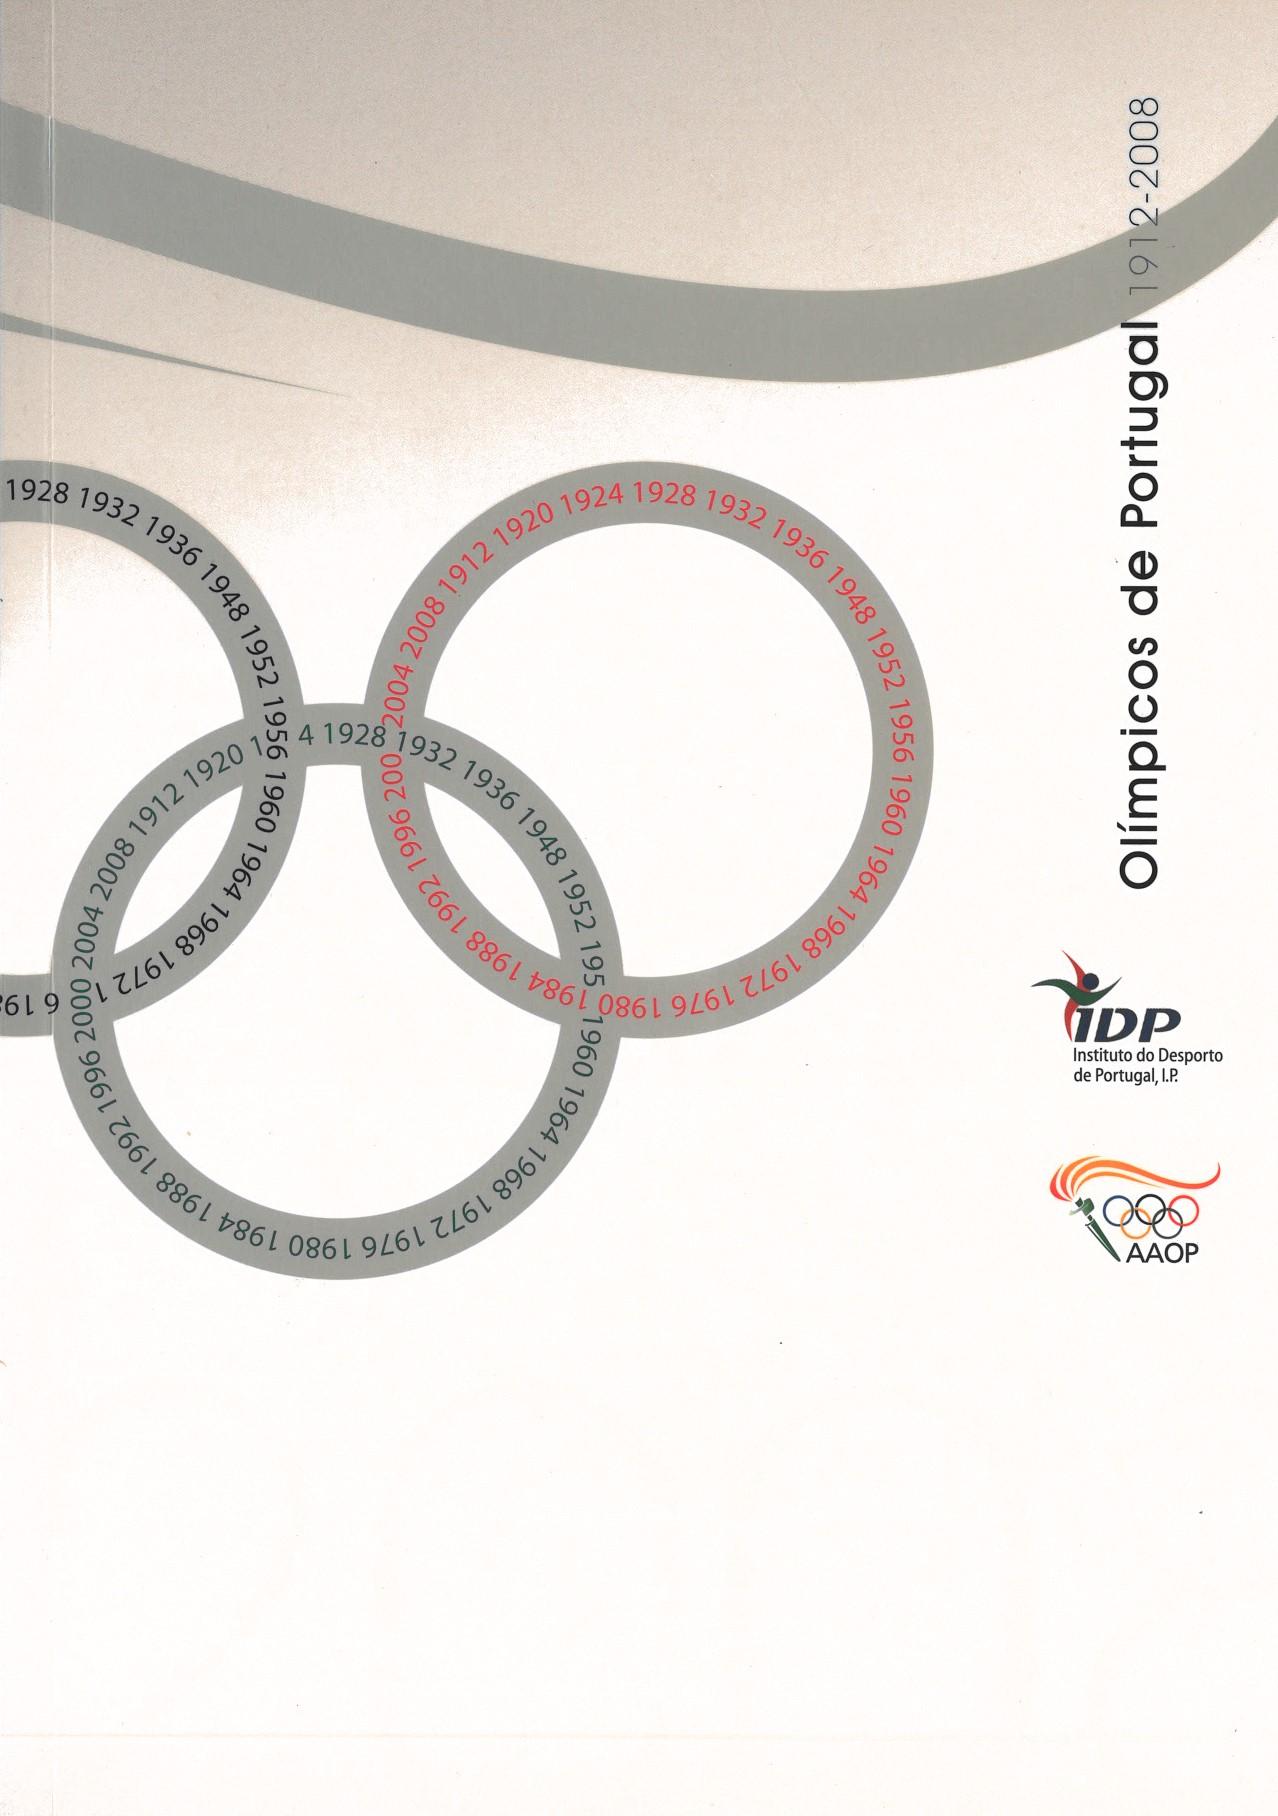 Olímpicos de Portugal, 1912-2008